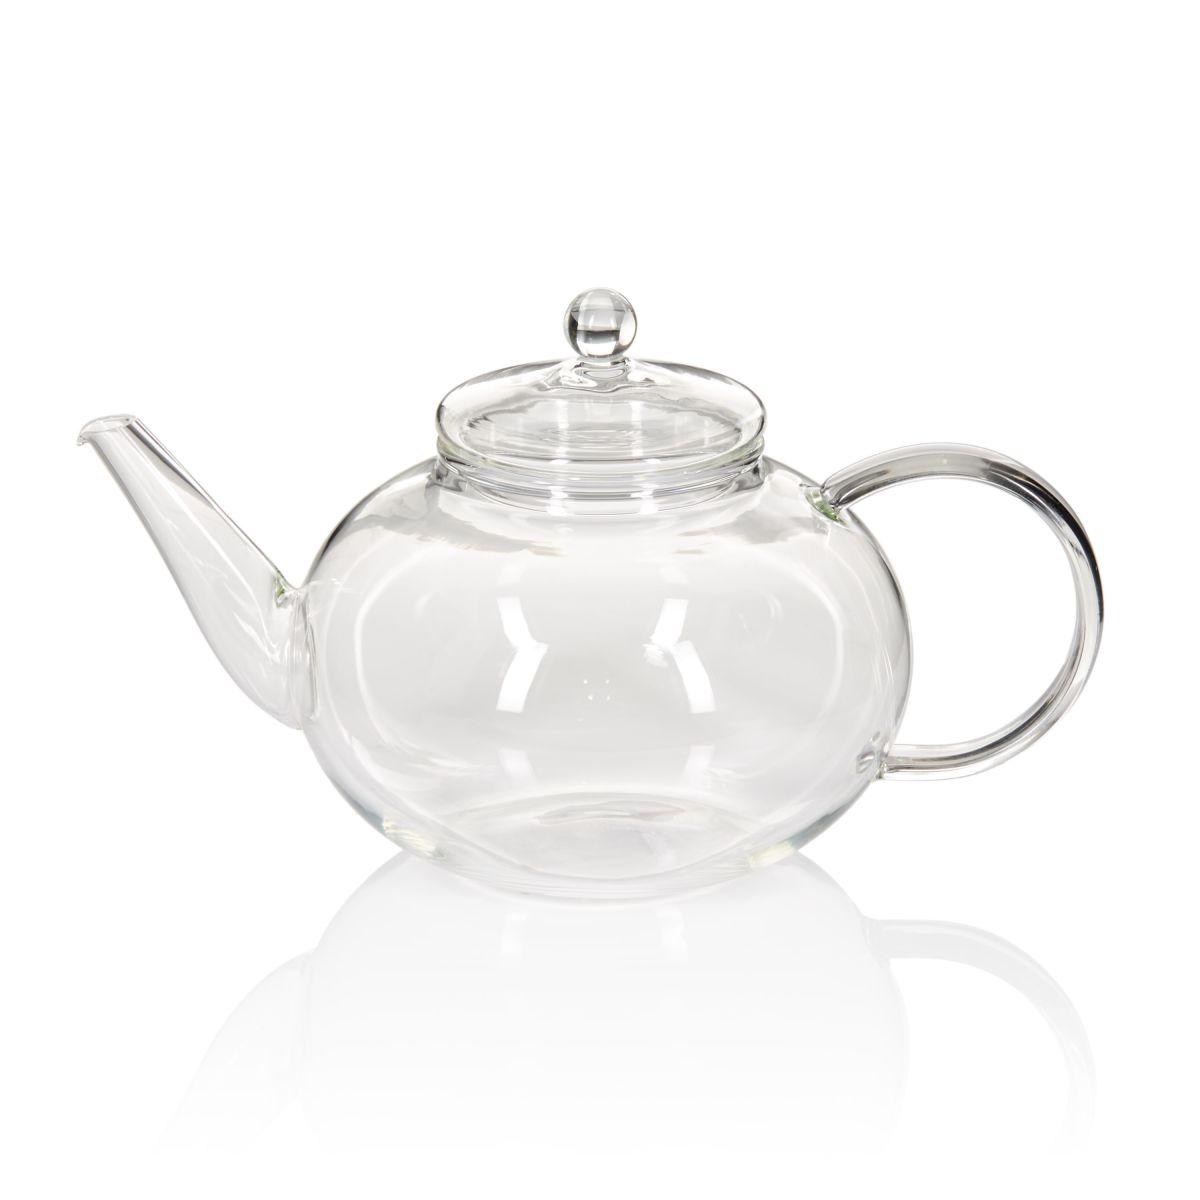 Teekanne, transparent, klassisch, Glas